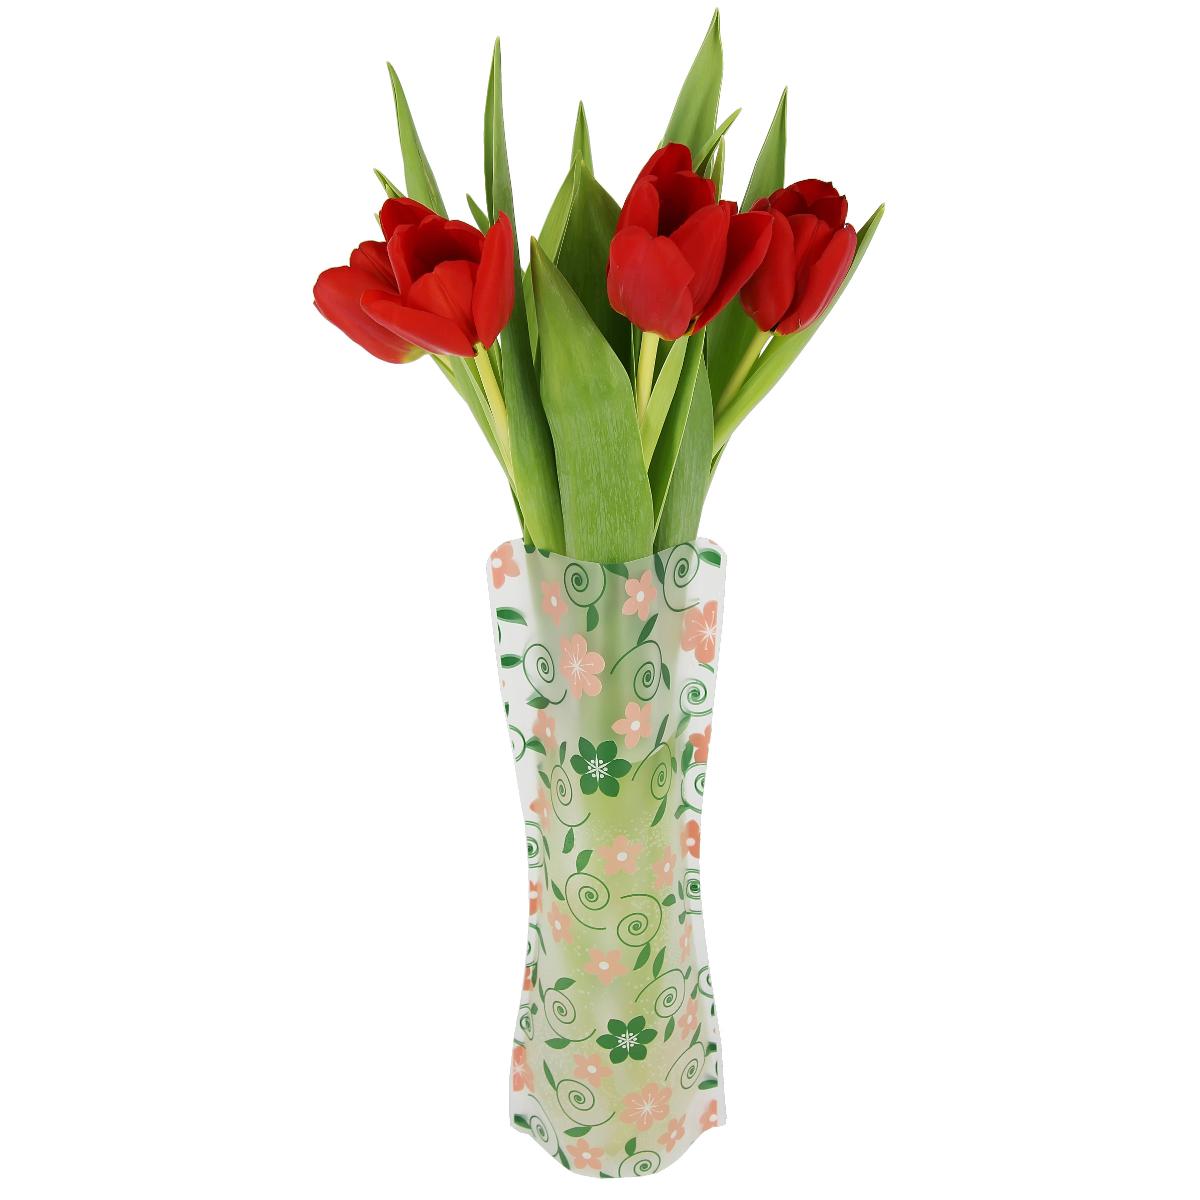 Ваза МастерПроф Летний узор, пластичная, 1 лHS.040034Пластичная ваза Летний узор легко складывается, удобно хранится - занимает мало места, долго служит. Всегда пригодится дома, в офисе, на даче, для оформления различных мероприятий. Отлично подойдет для перевозки цветов, или просто в подарок.Инструкция: 1. Наполните вазу теплой водой;2. Дно и стенки расправятся;3. Вылейте воду;4. Наполните вазу холодной водой;5. Вставьте цветы.Меры предосторожности:Хранить вдали от источников тепла и яркого солнечного света. С осторожностью применять для растений с длинными стеблями и с крупными соцветиями, что бы избежать опрокидывания вазы.